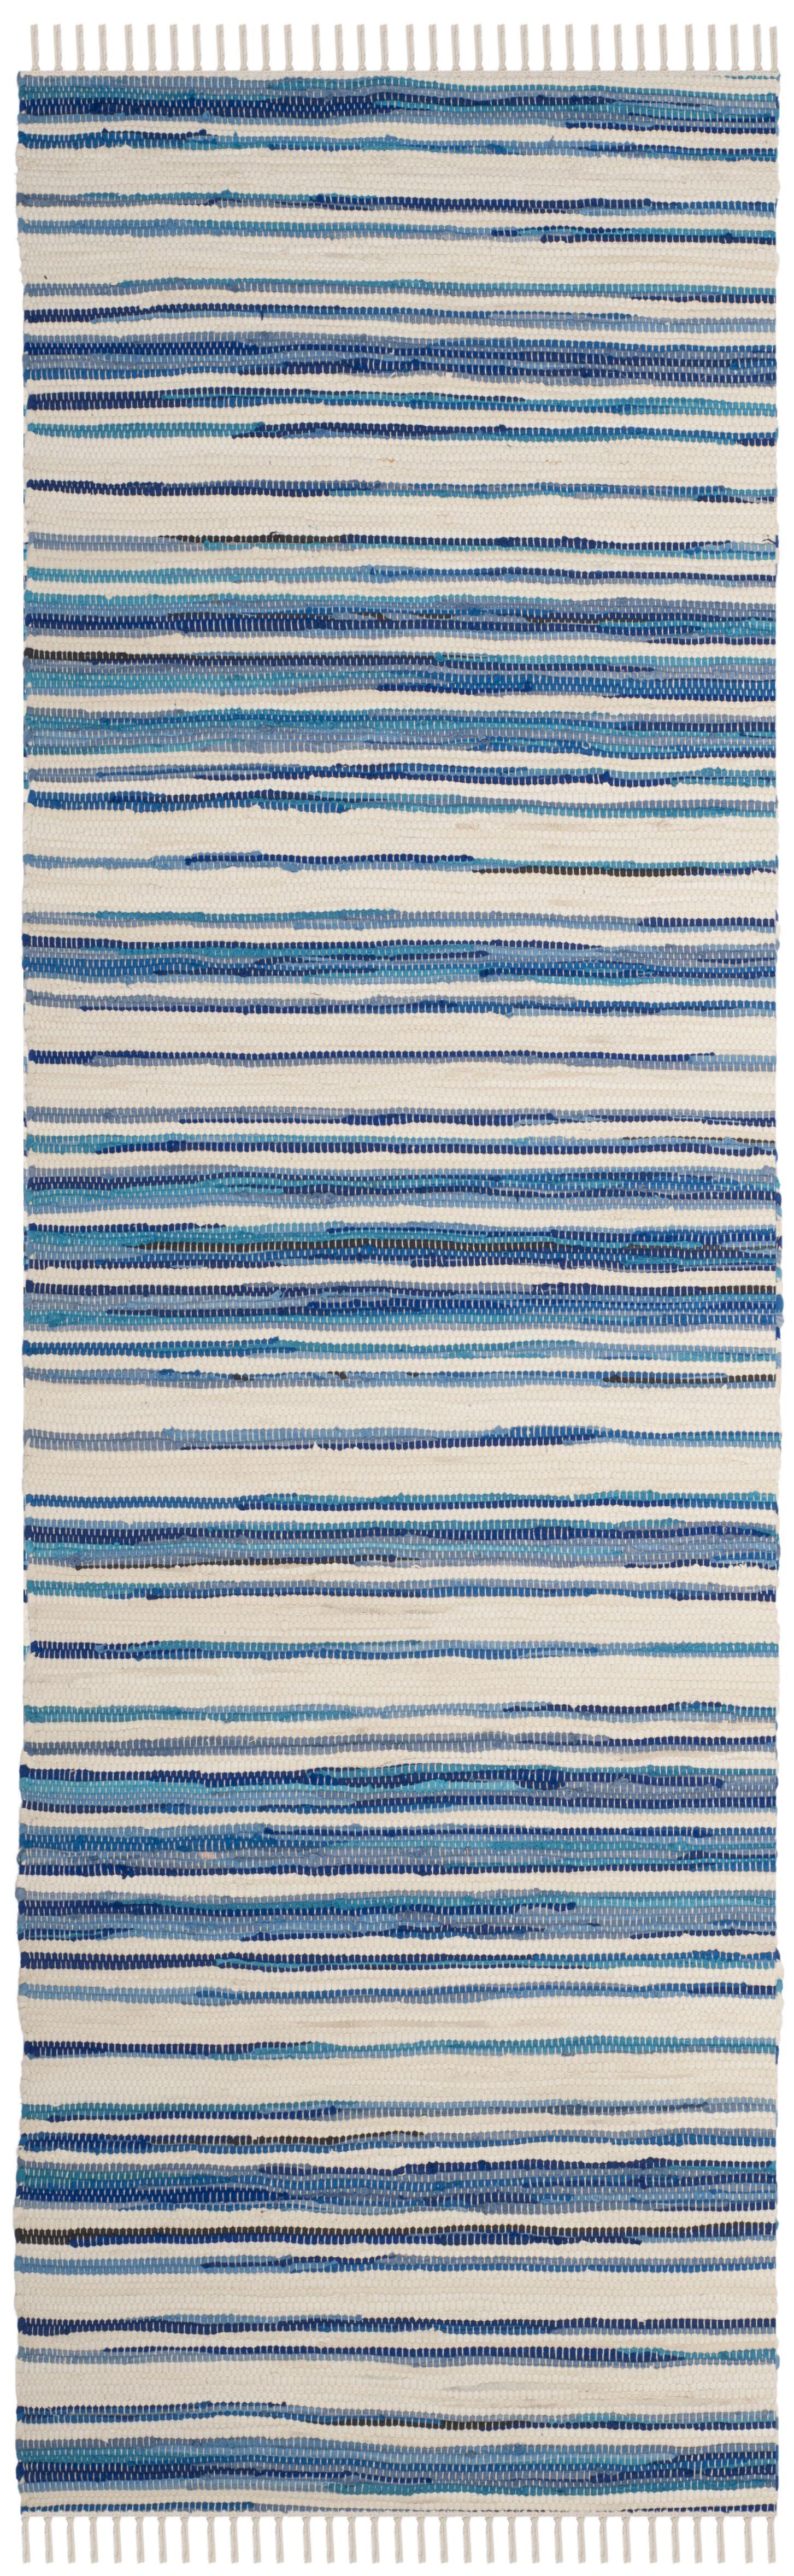 Shinn Hand-Woven Ivory/Blue Area Rug Rug Size: Runner 2'3